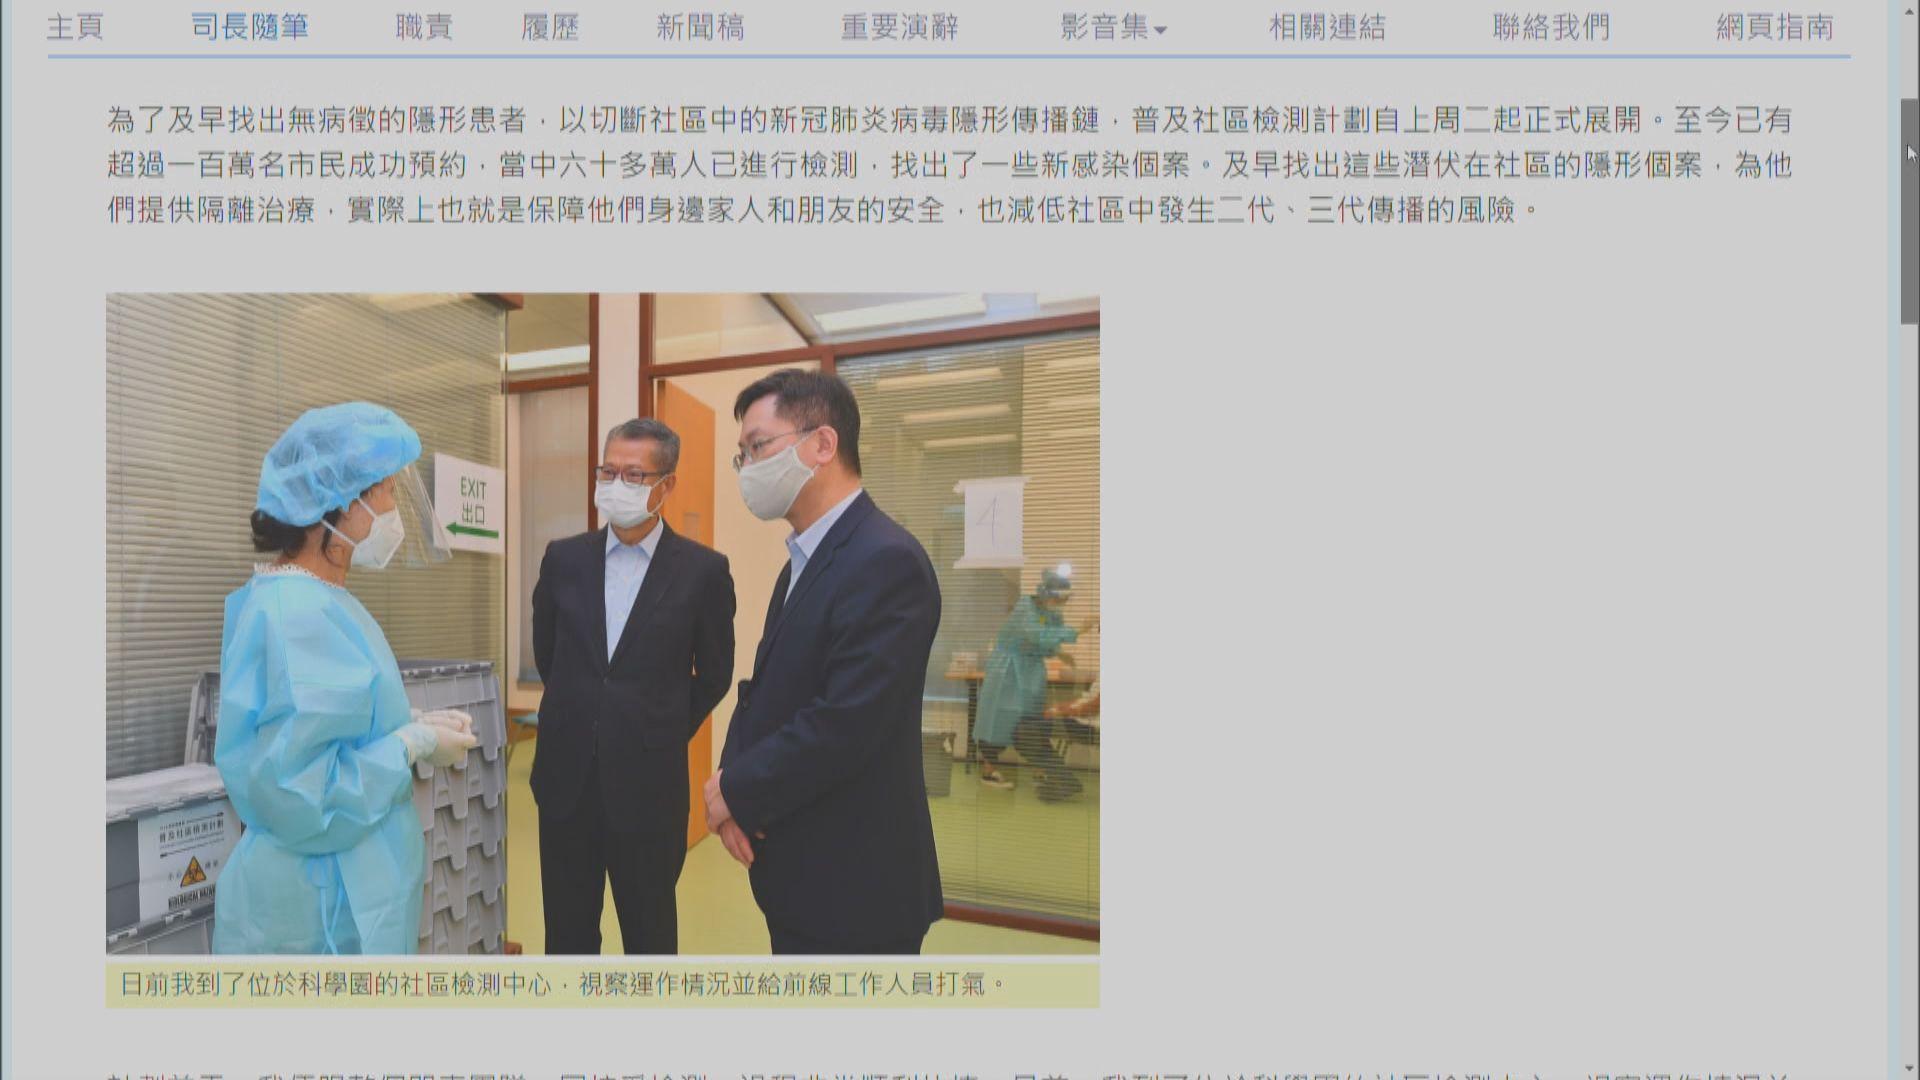 陳茂波:不能單從患者人數判斷檢測計劃效益